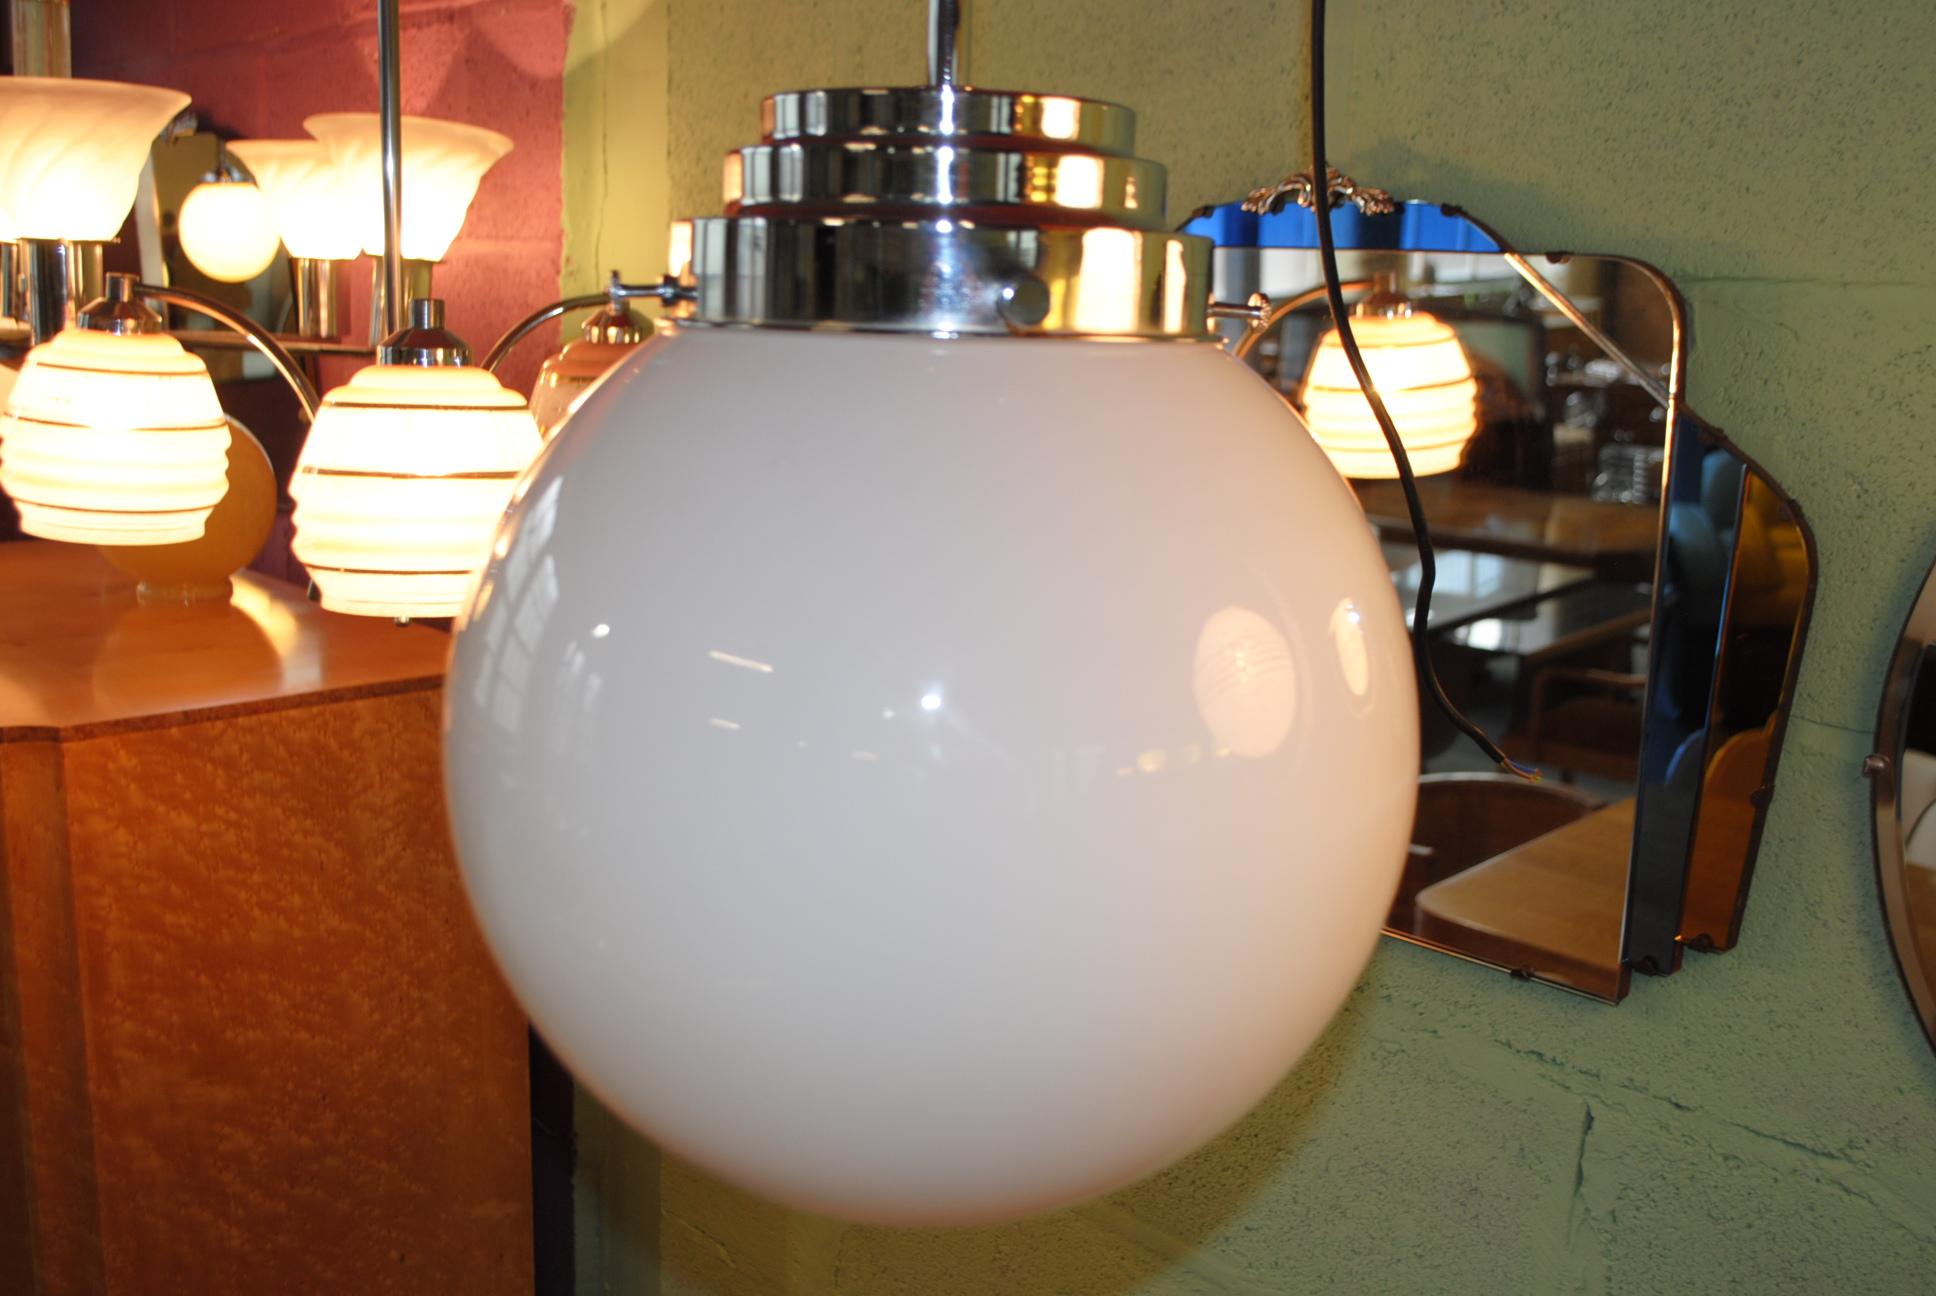 art flush ceiling ceilings deco co mount smsender tulum light